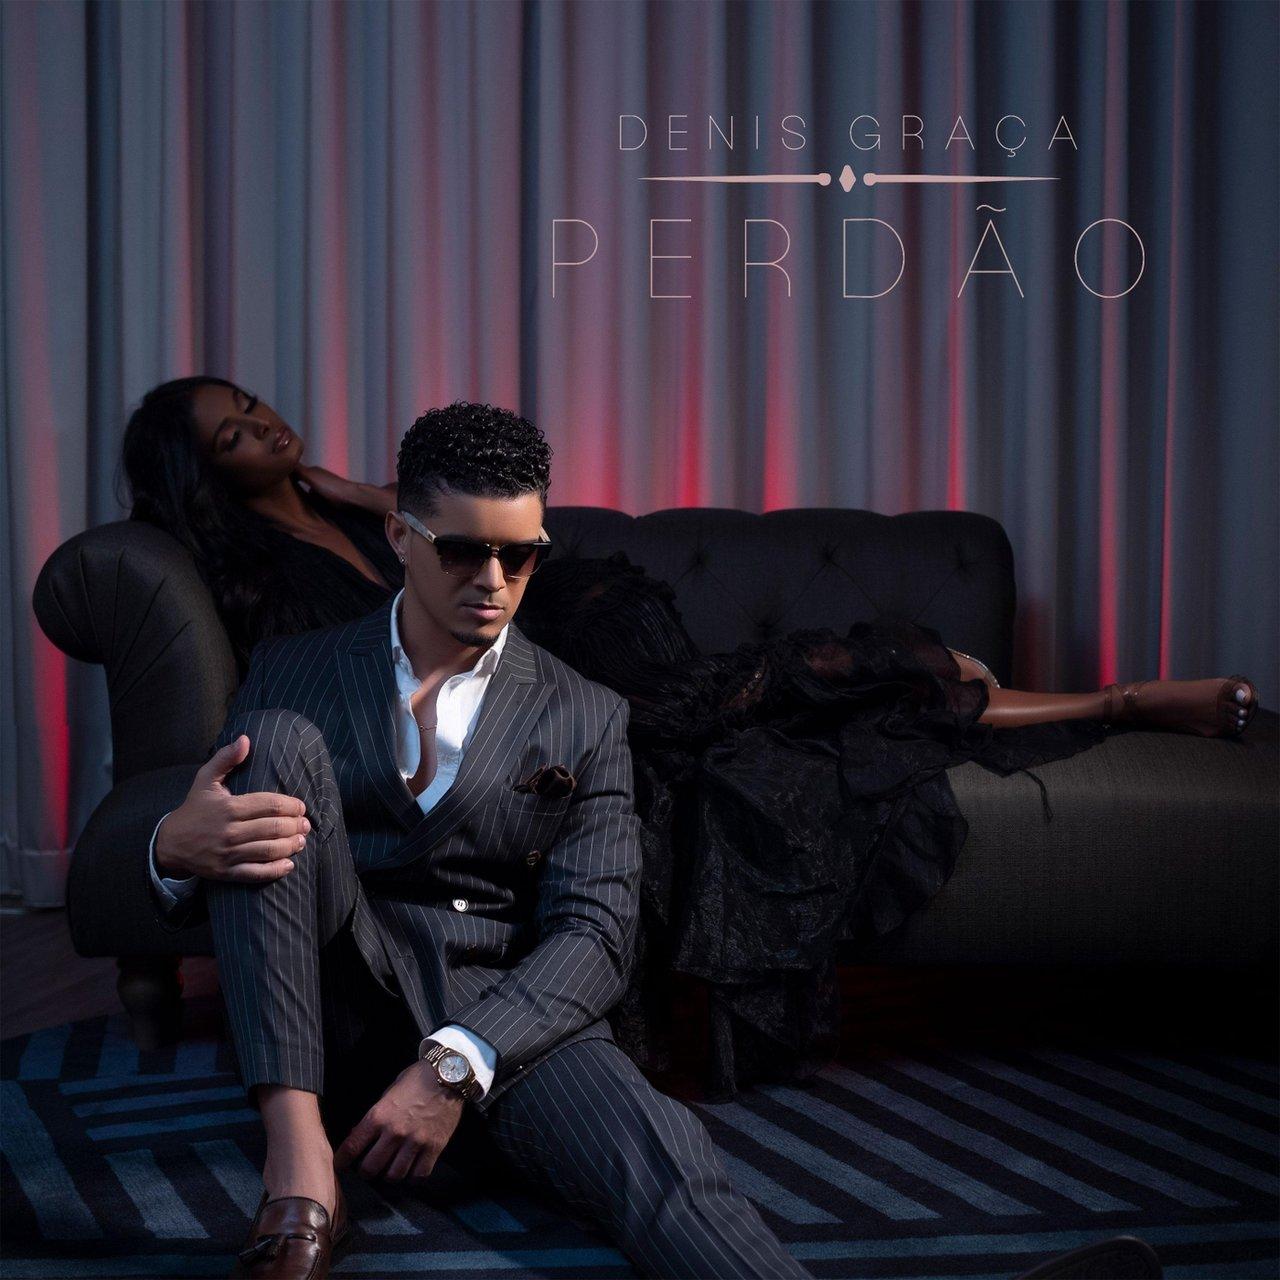 Denis Graça - Perdão (Cover)